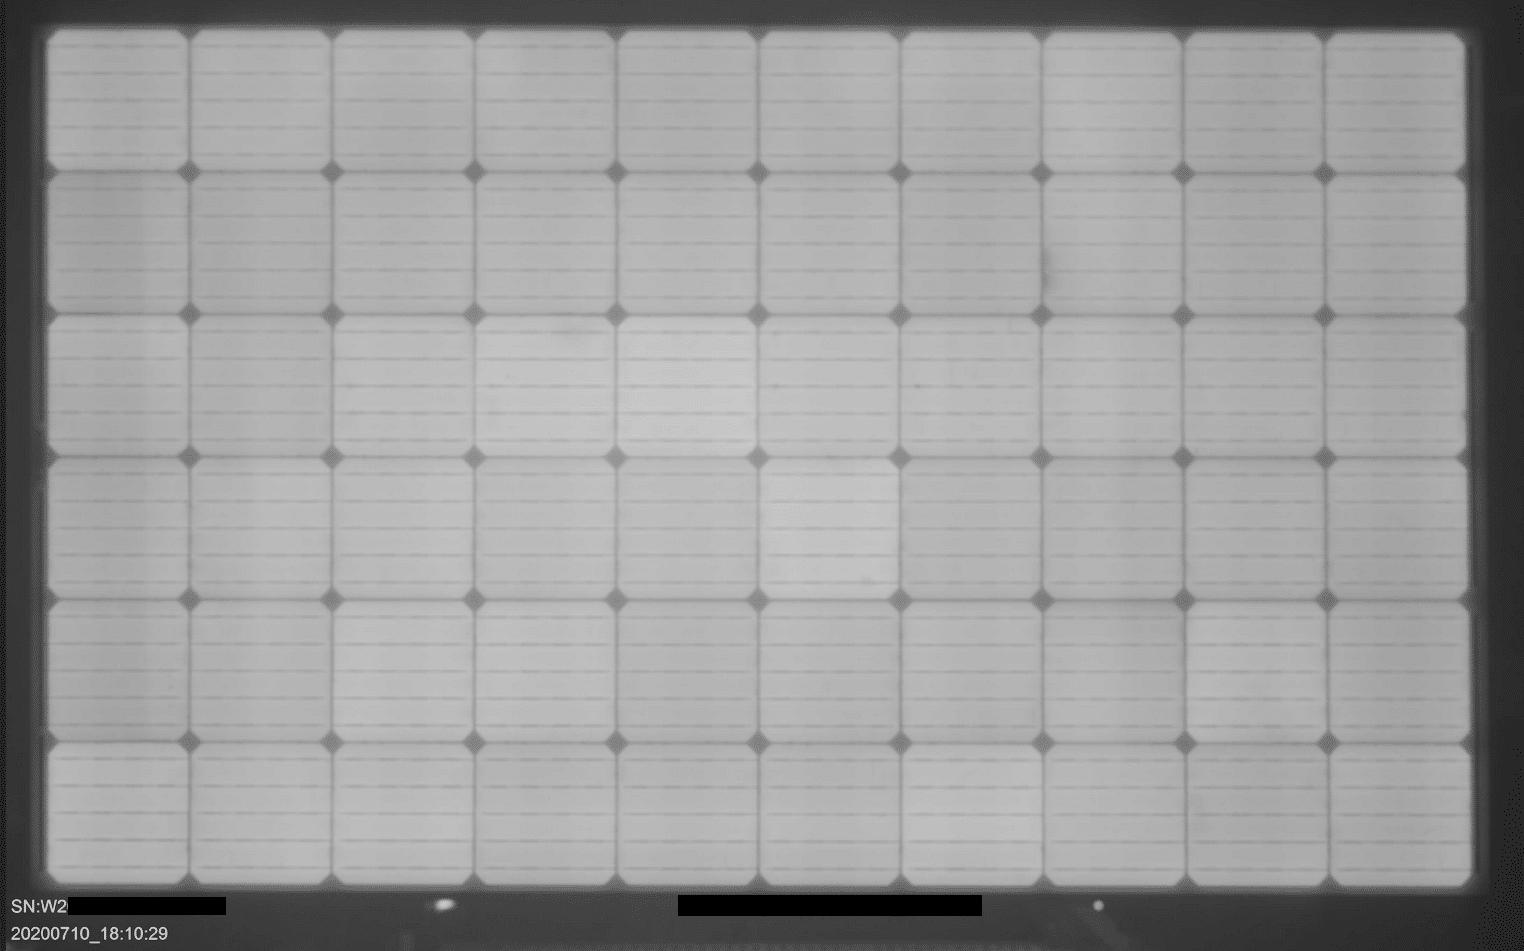 Electroluminescence Image of WSP-340MX